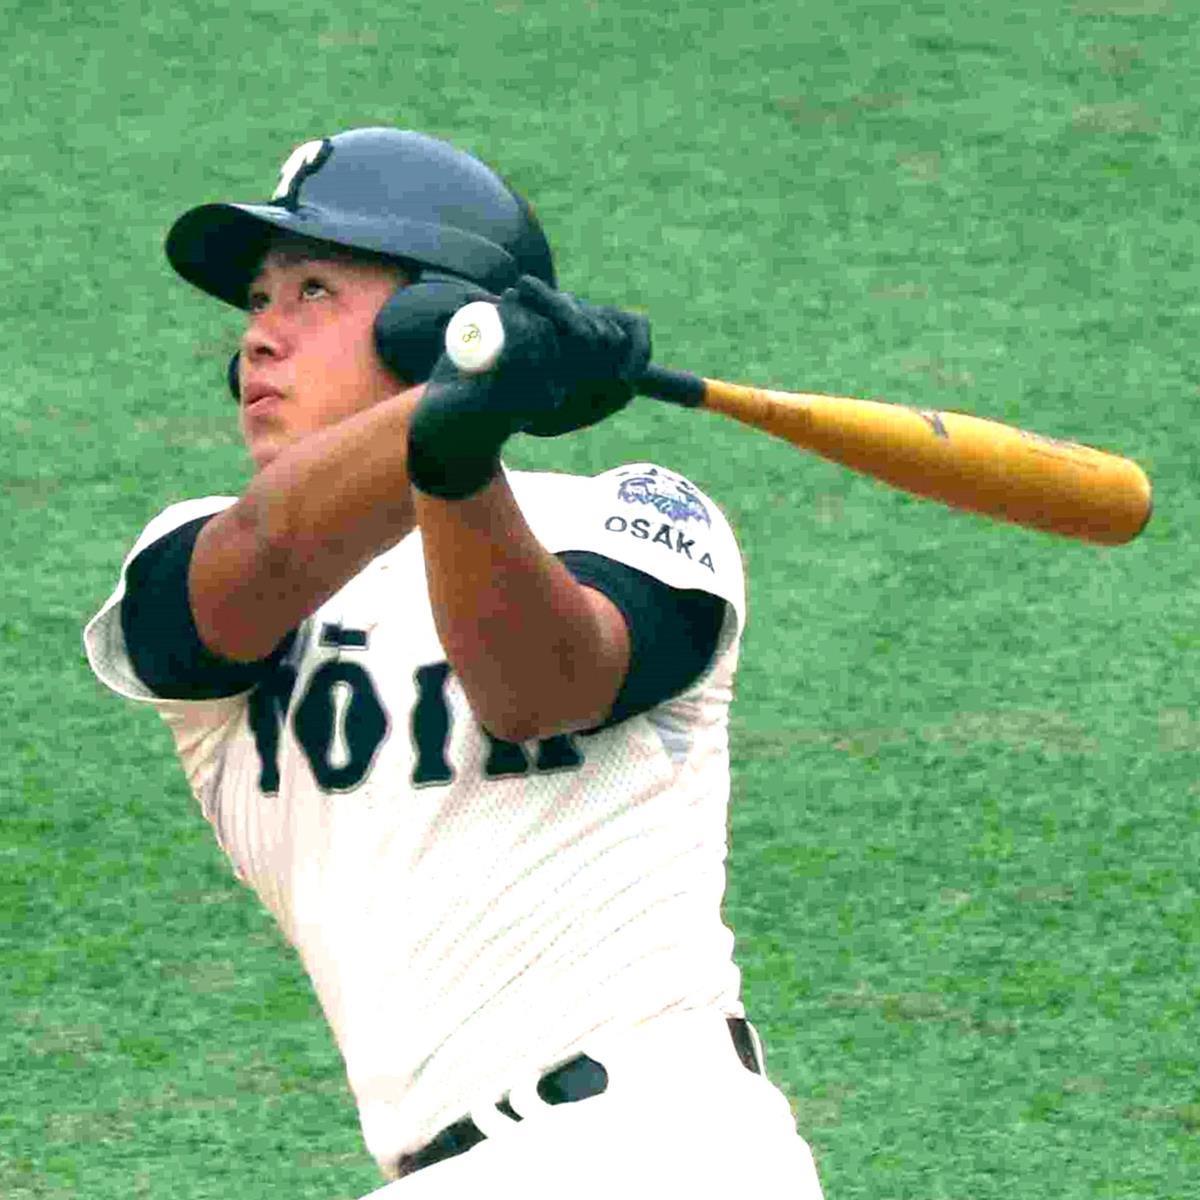 3試合連続本塁打の活躍を見せた大阪桐蔭・池田陵真